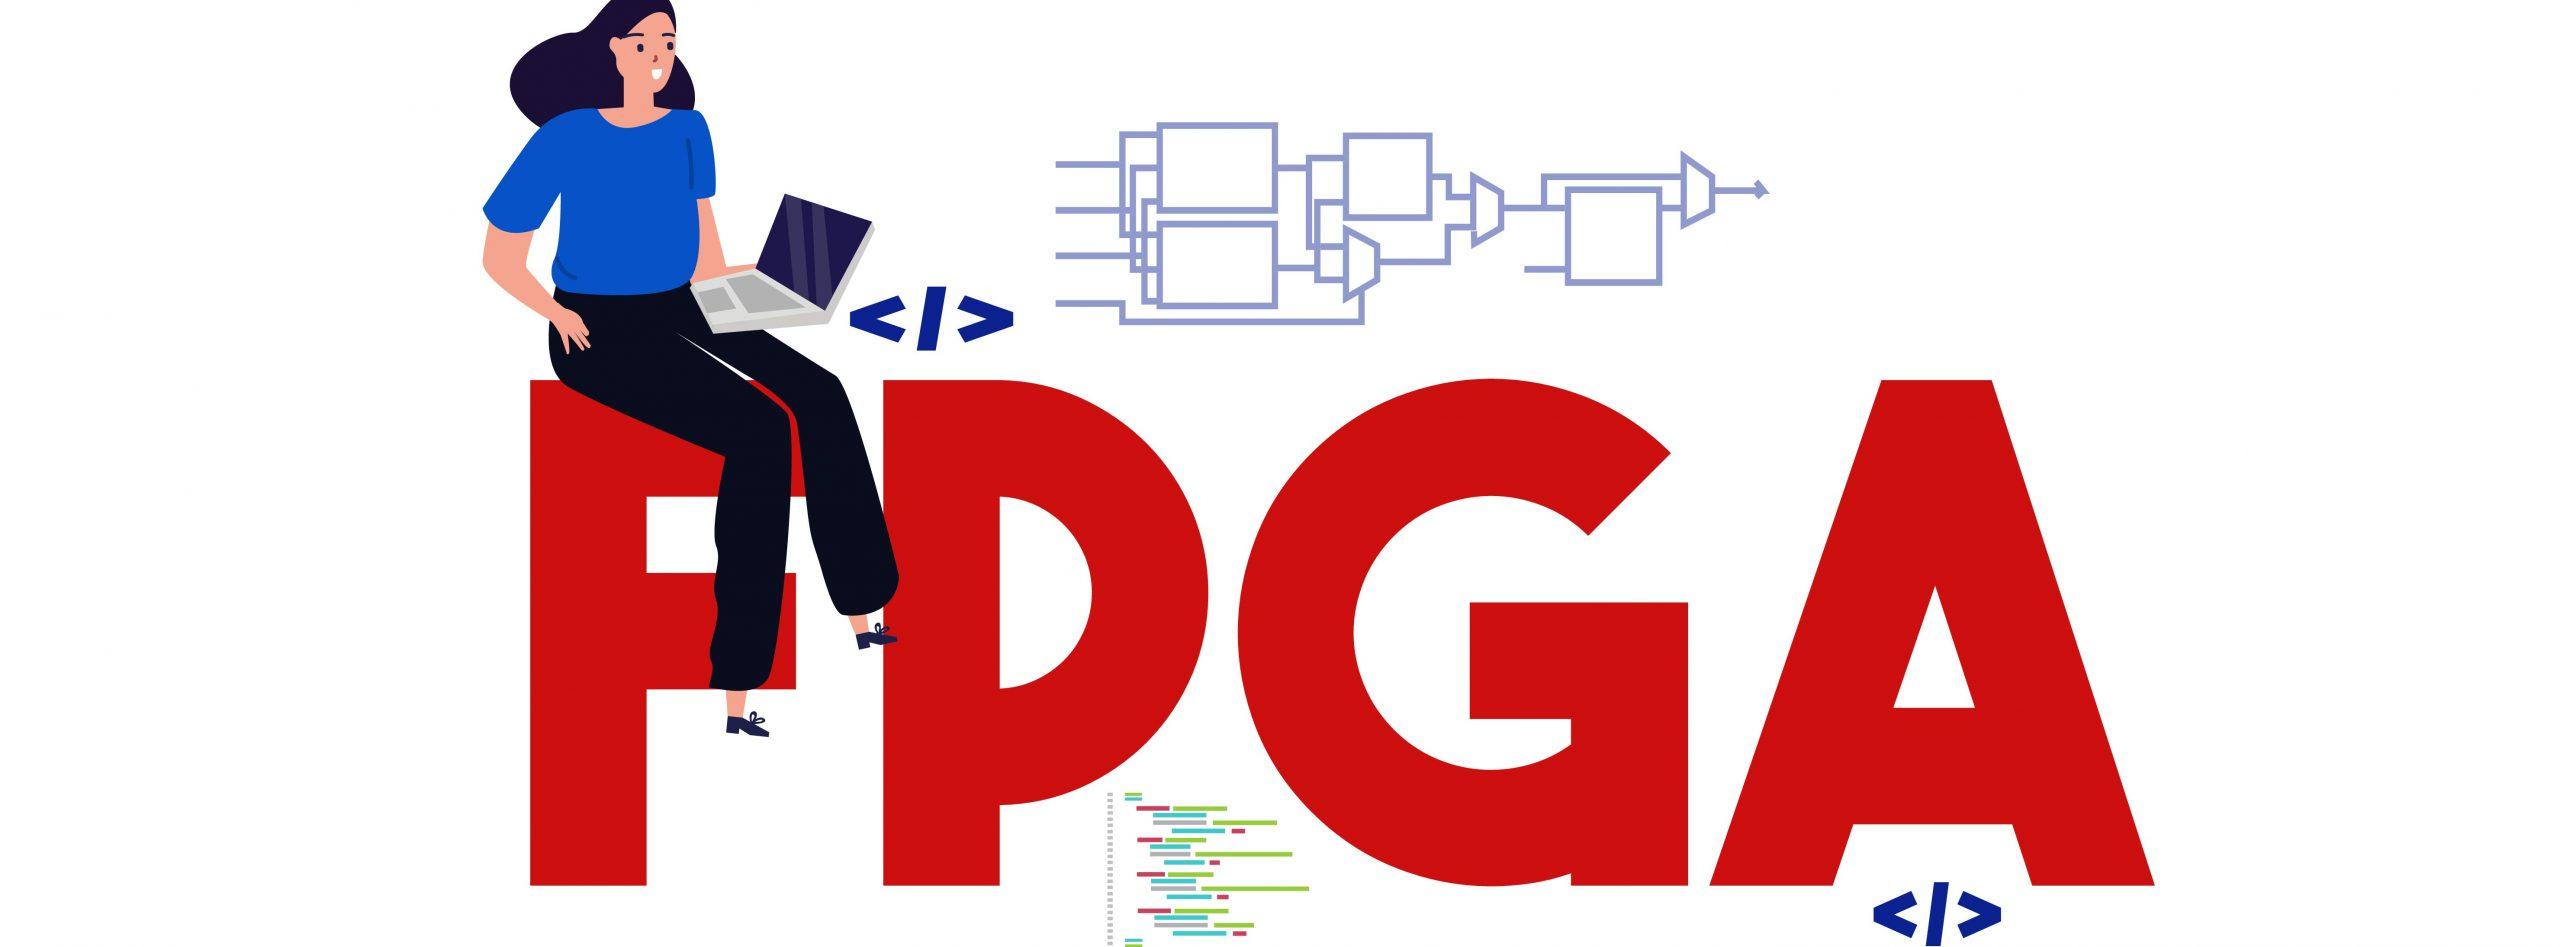 設計開発資産を活用したザイリンクス FPGA設計・量産受託